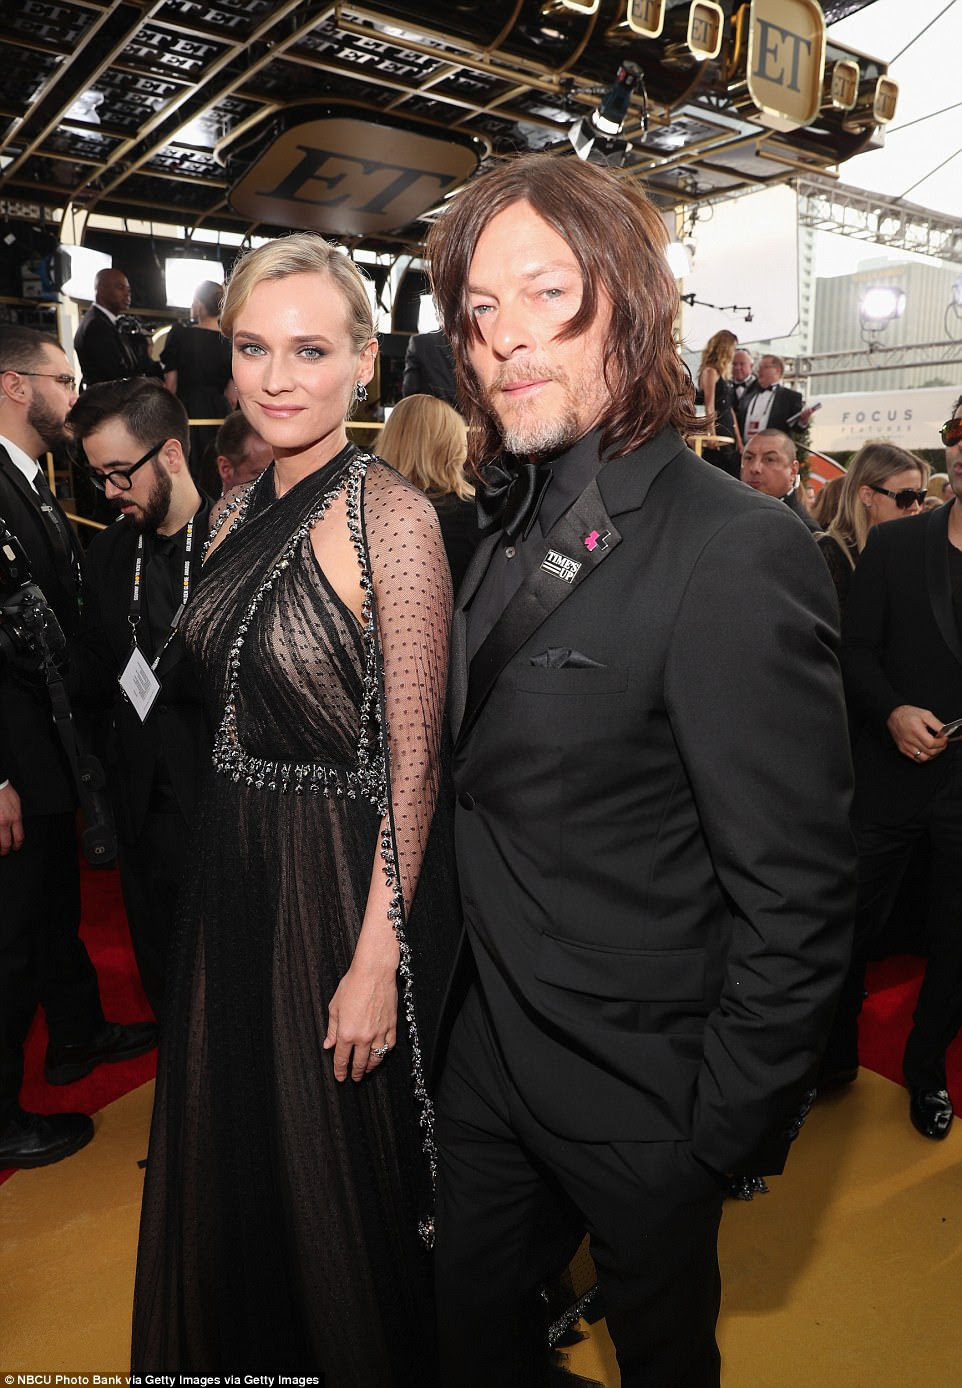 Fechar: o namorado dele, Dead Dead Timman Norman Reedus, mostrou apoio para Time's Up, também vestindo preto e um pino do movimento